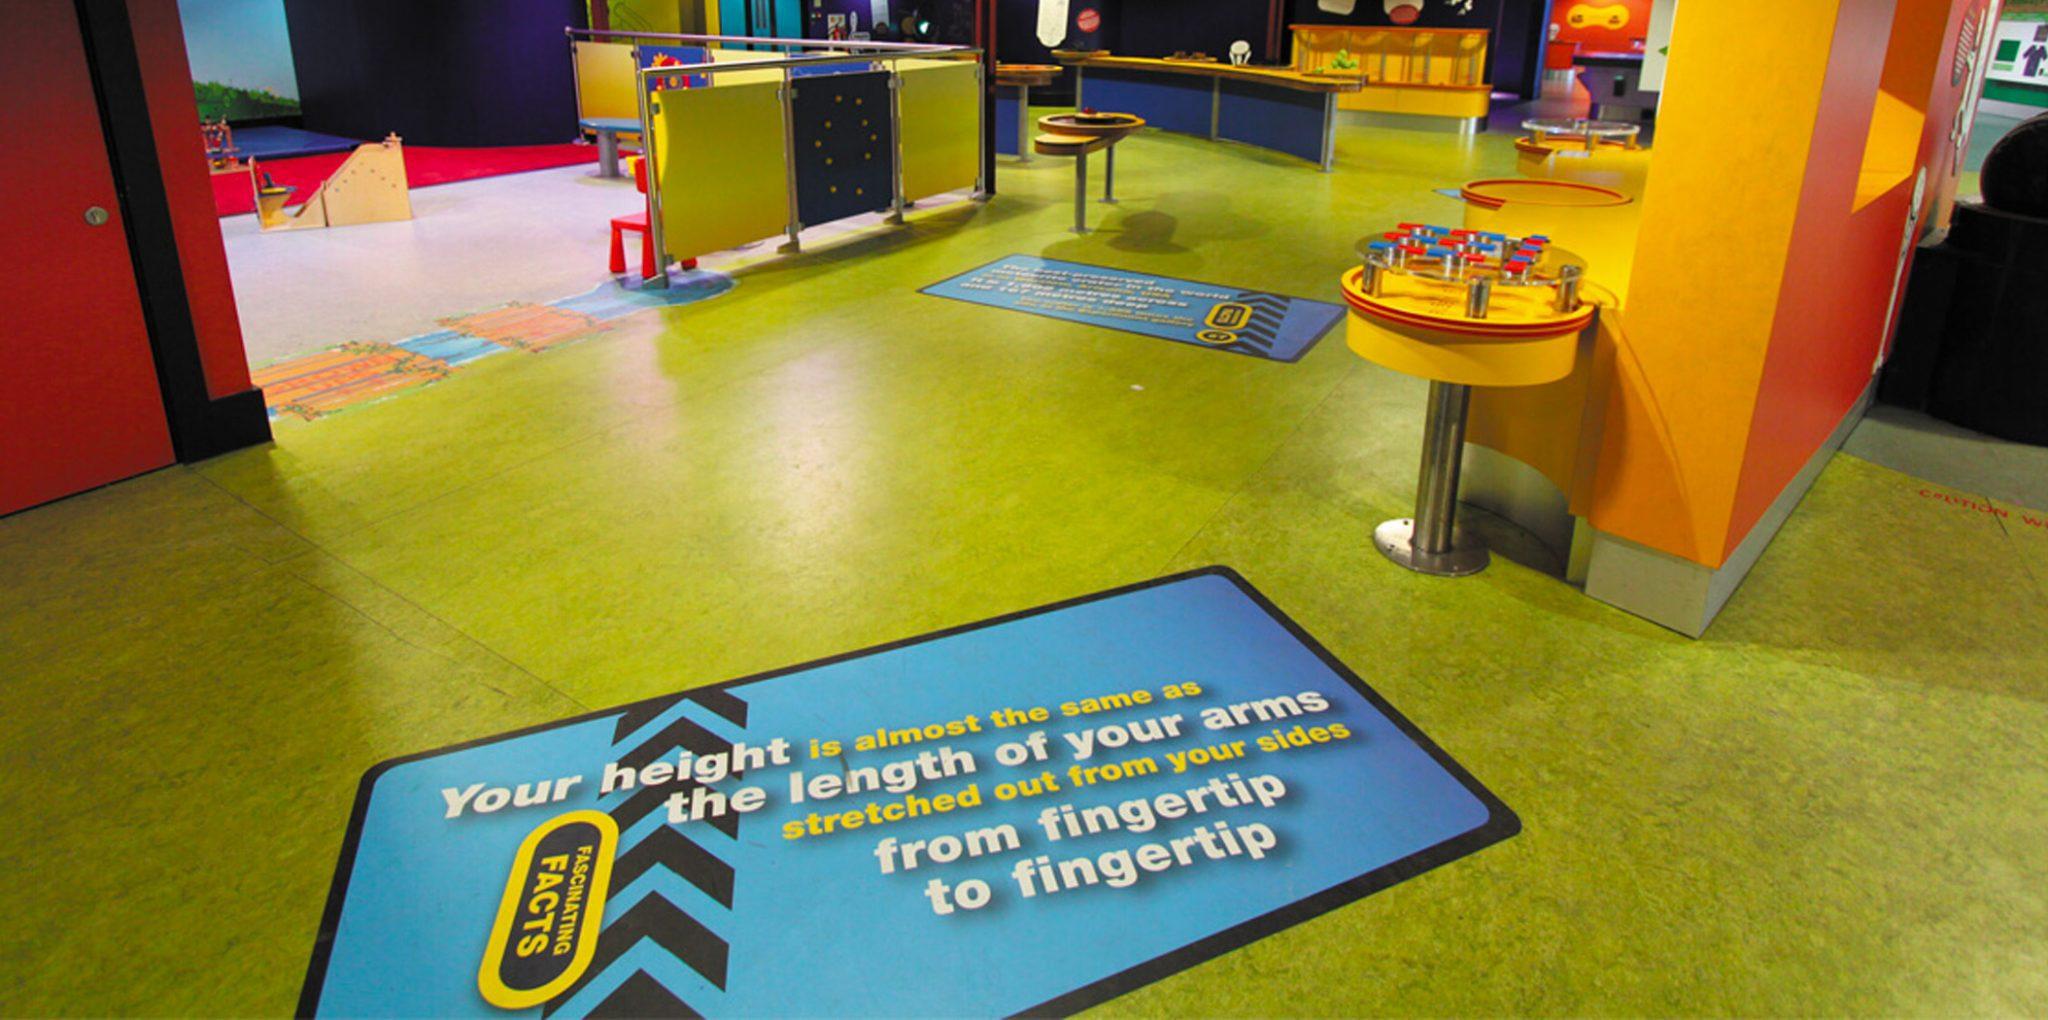 semi showroom with floor design